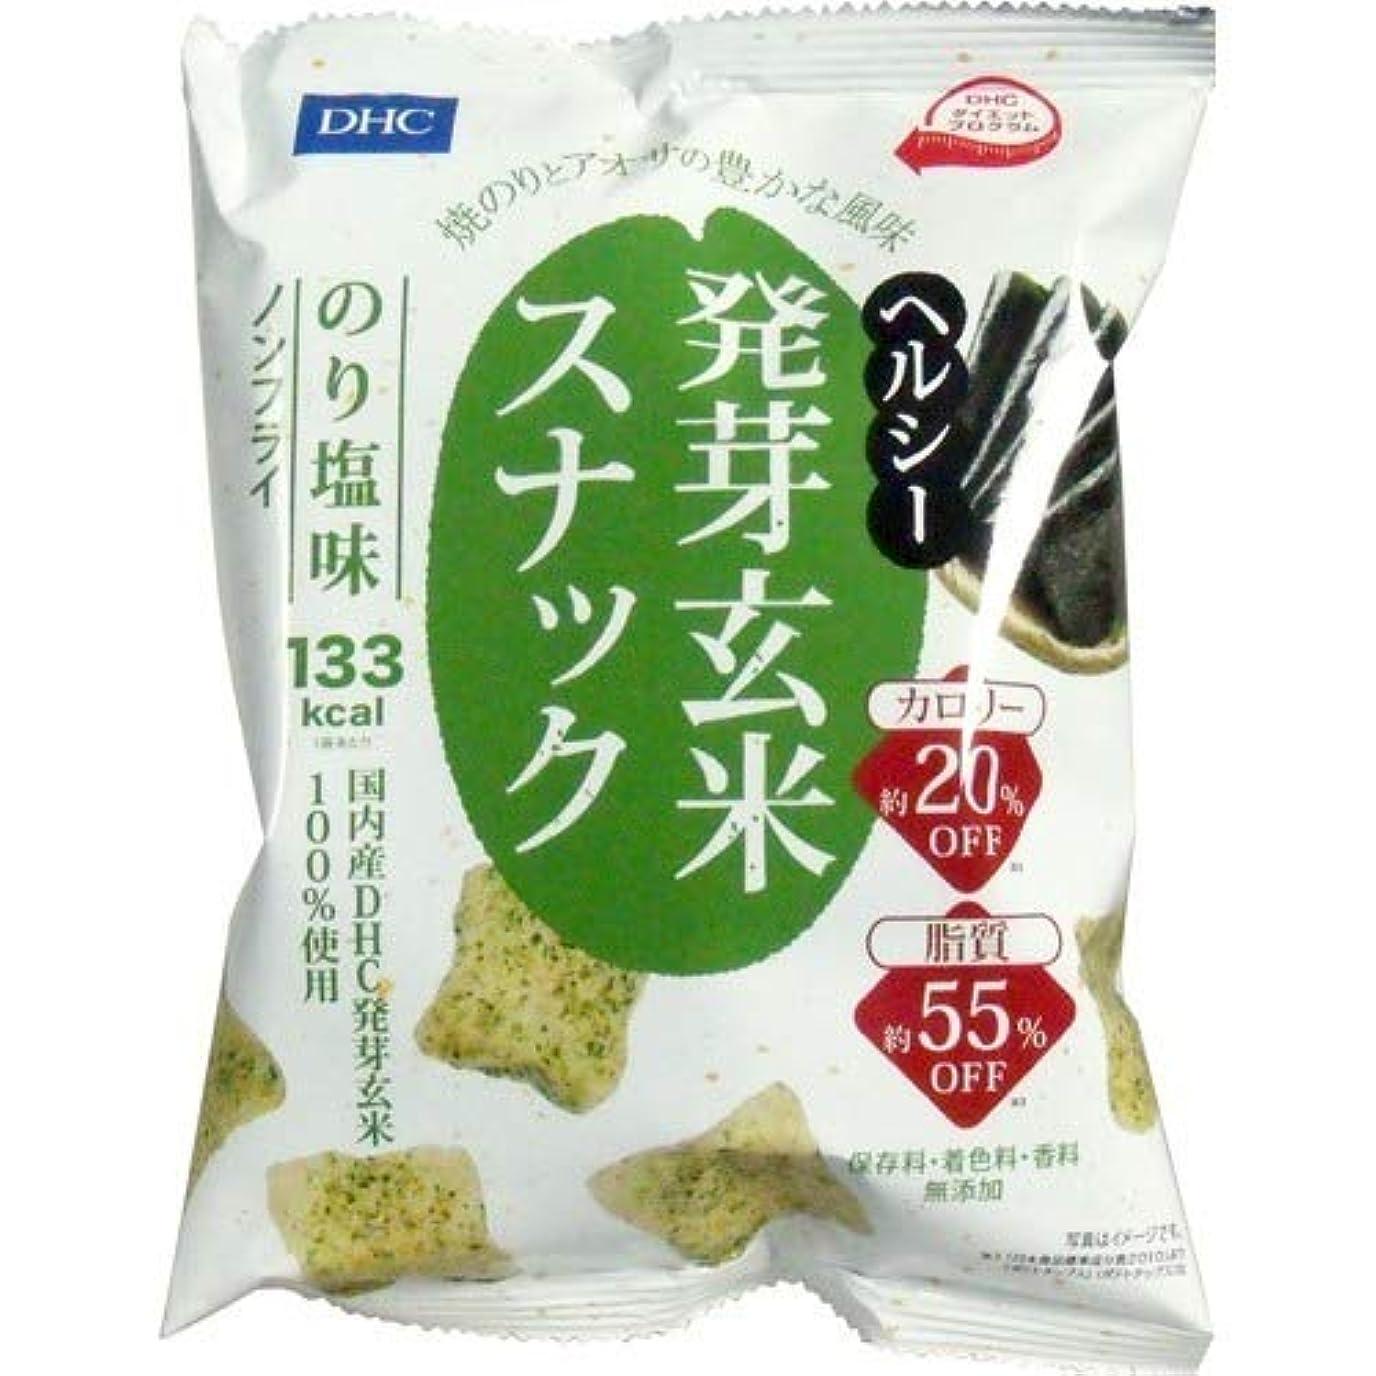 事実純度エクスタシーDHC ヘルシー発芽玄米スナック のり塩味